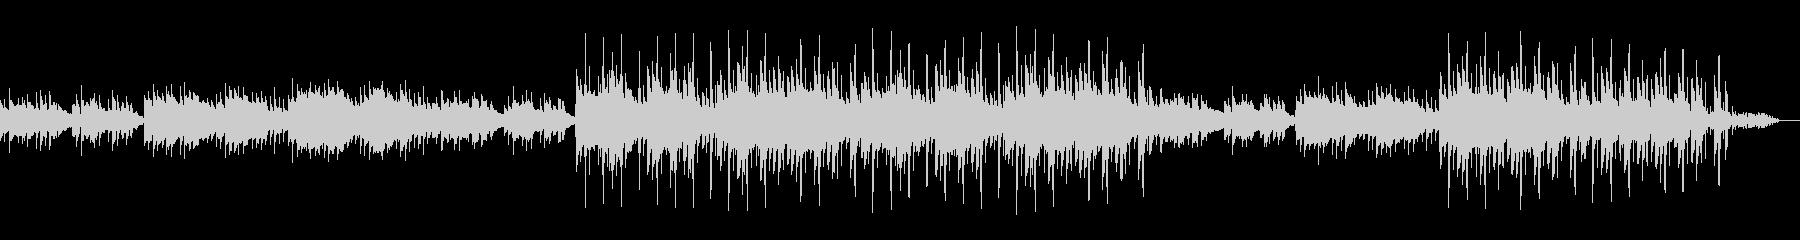 アコースティックギターのHIPHOPの未再生の波形